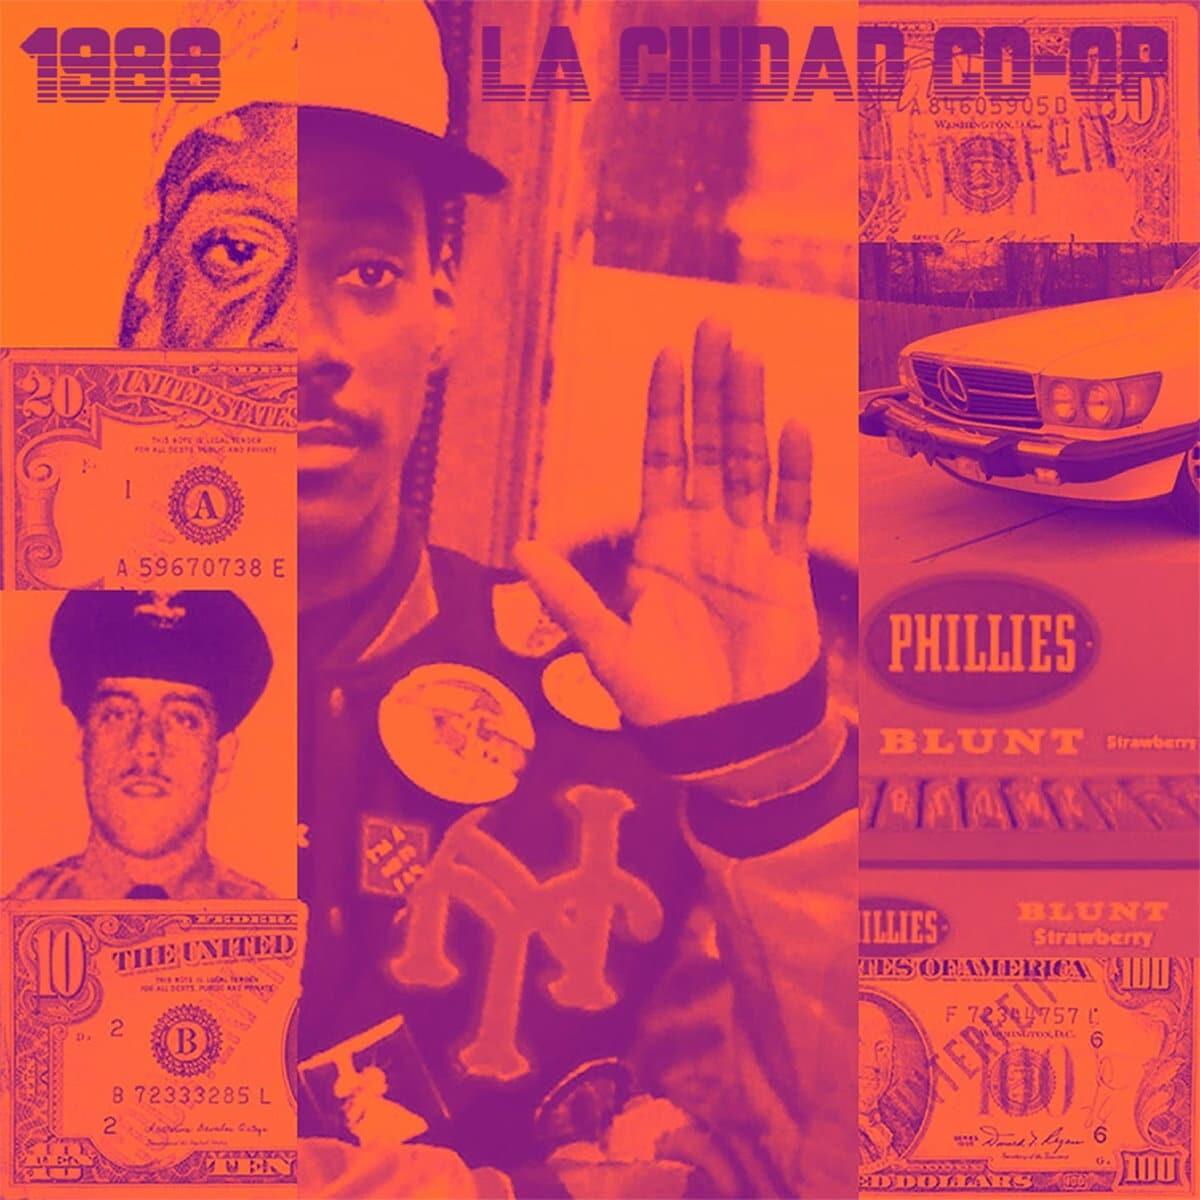 La Ciudad Cooperative - 1988 ep